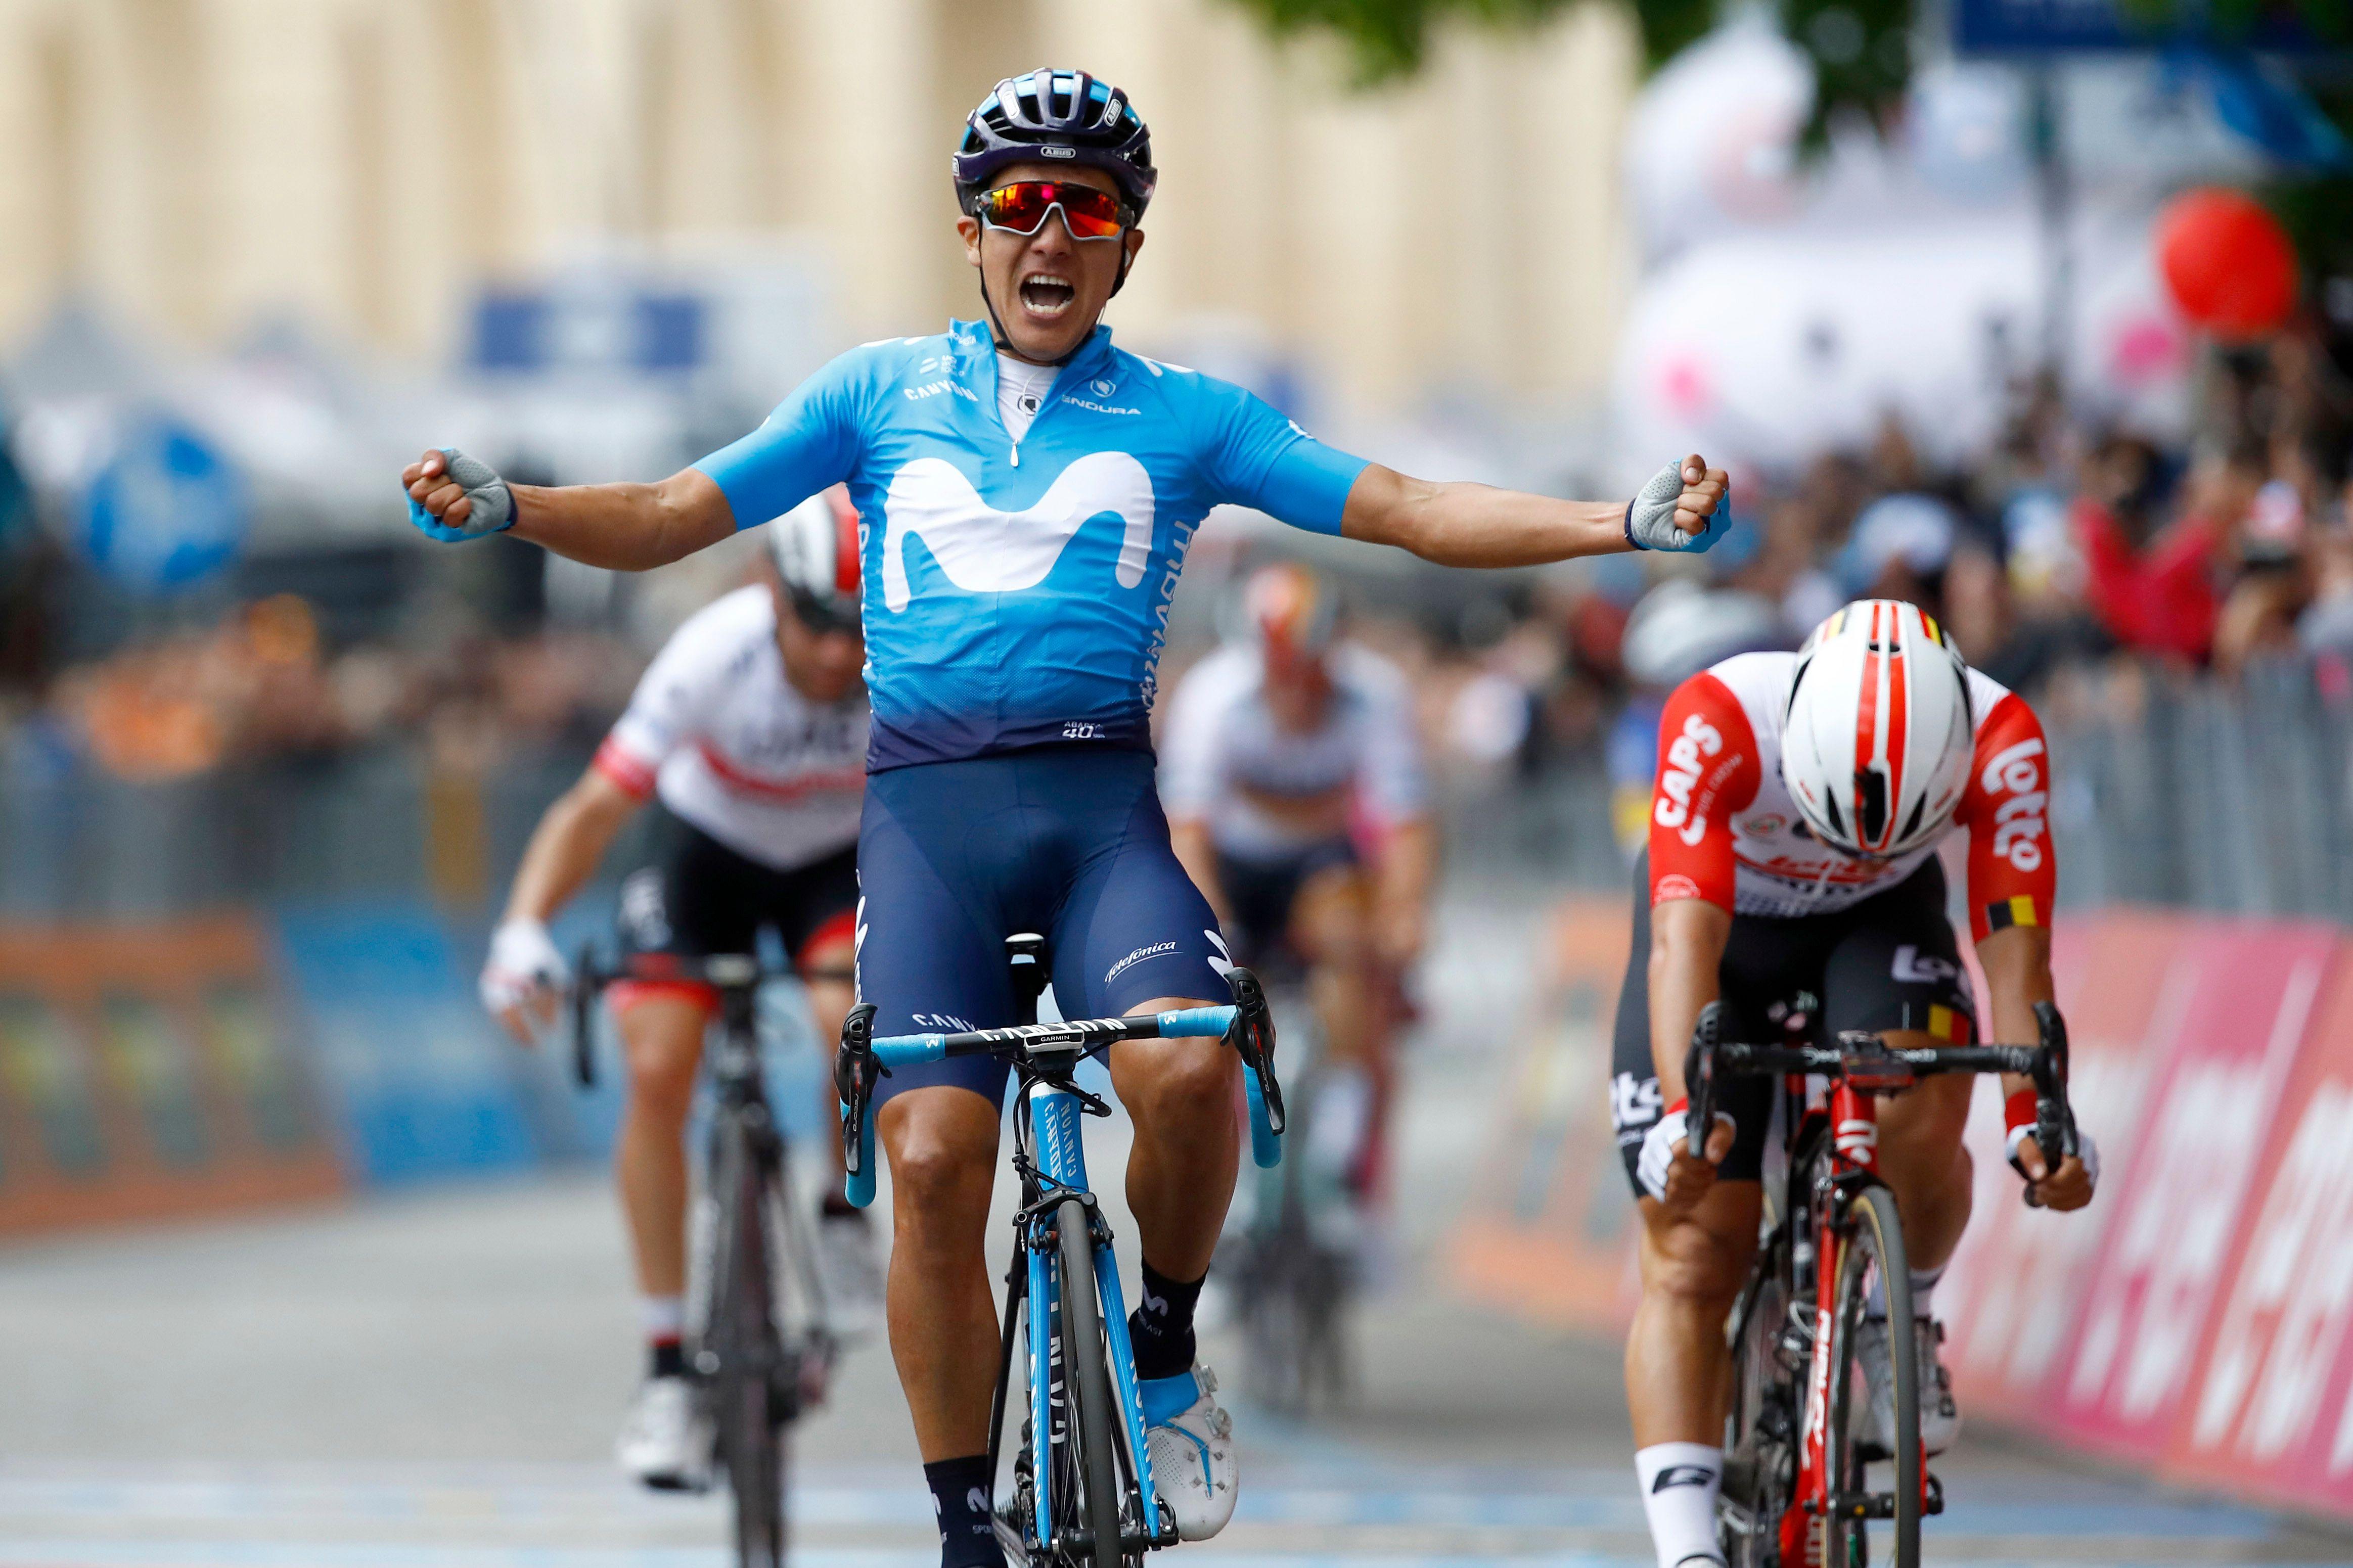 Cyclisme - Giro - Giro : Carapaz gagne la 4e étape, Dumoulin perd gros